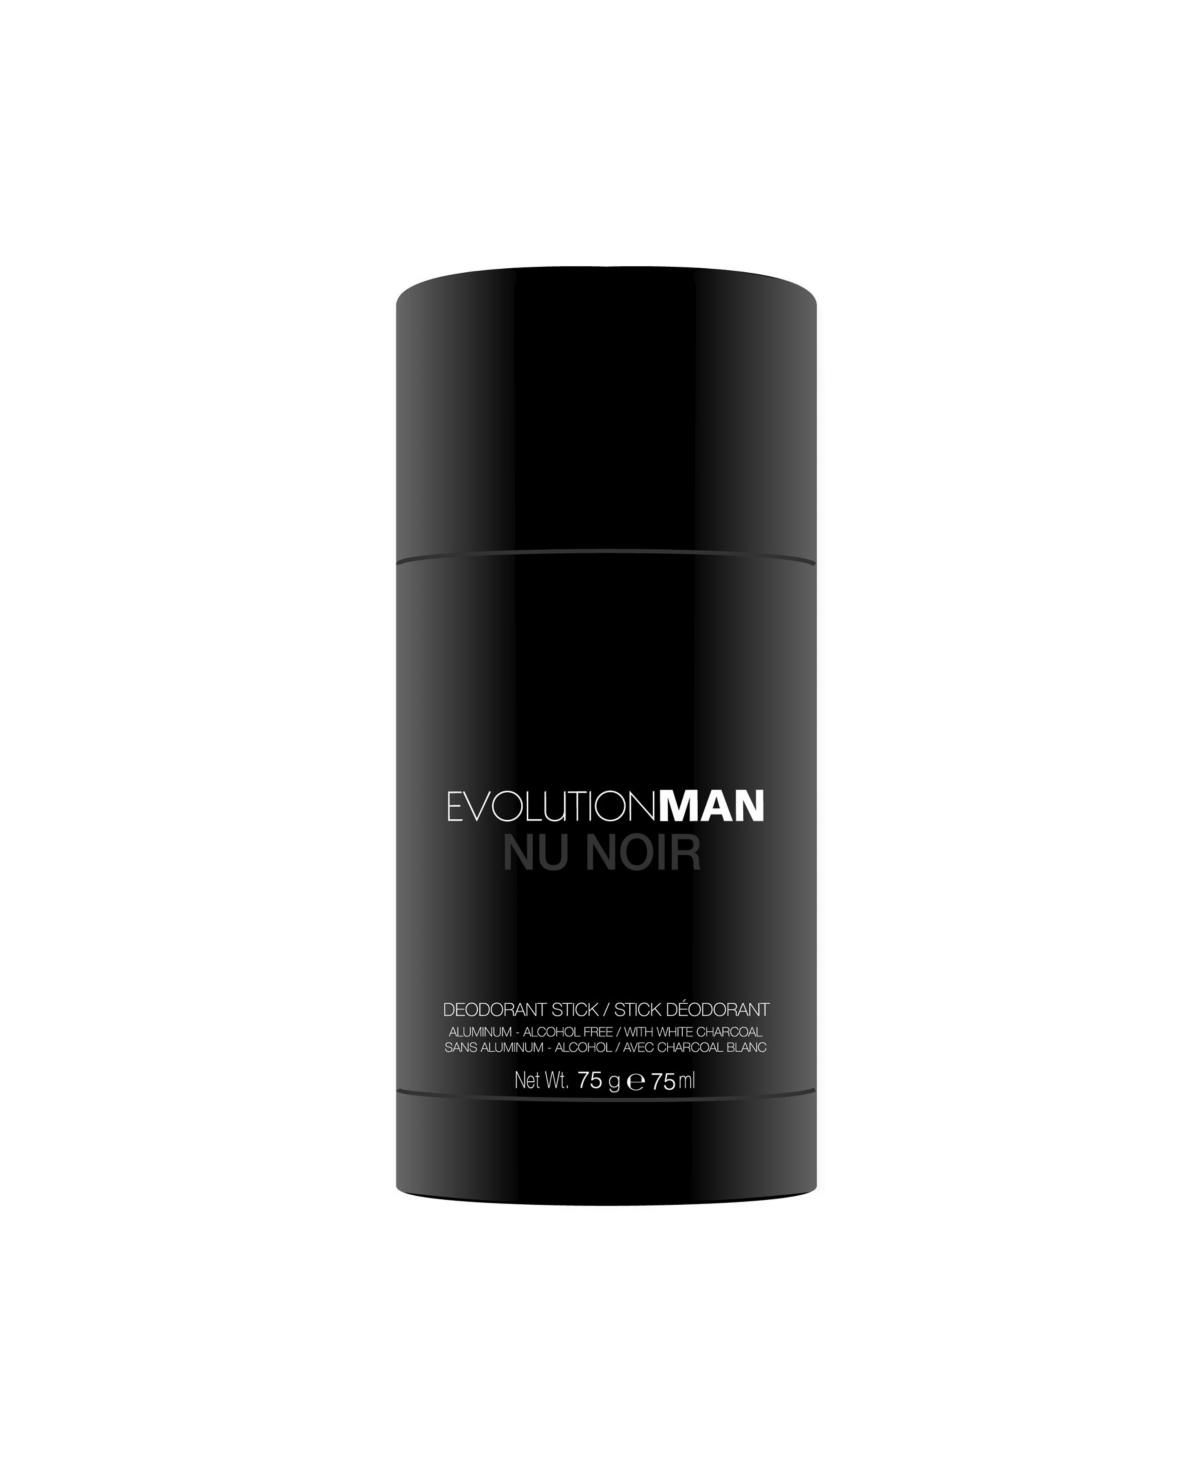 Evolutionman Men's Nu Noir Deodorant